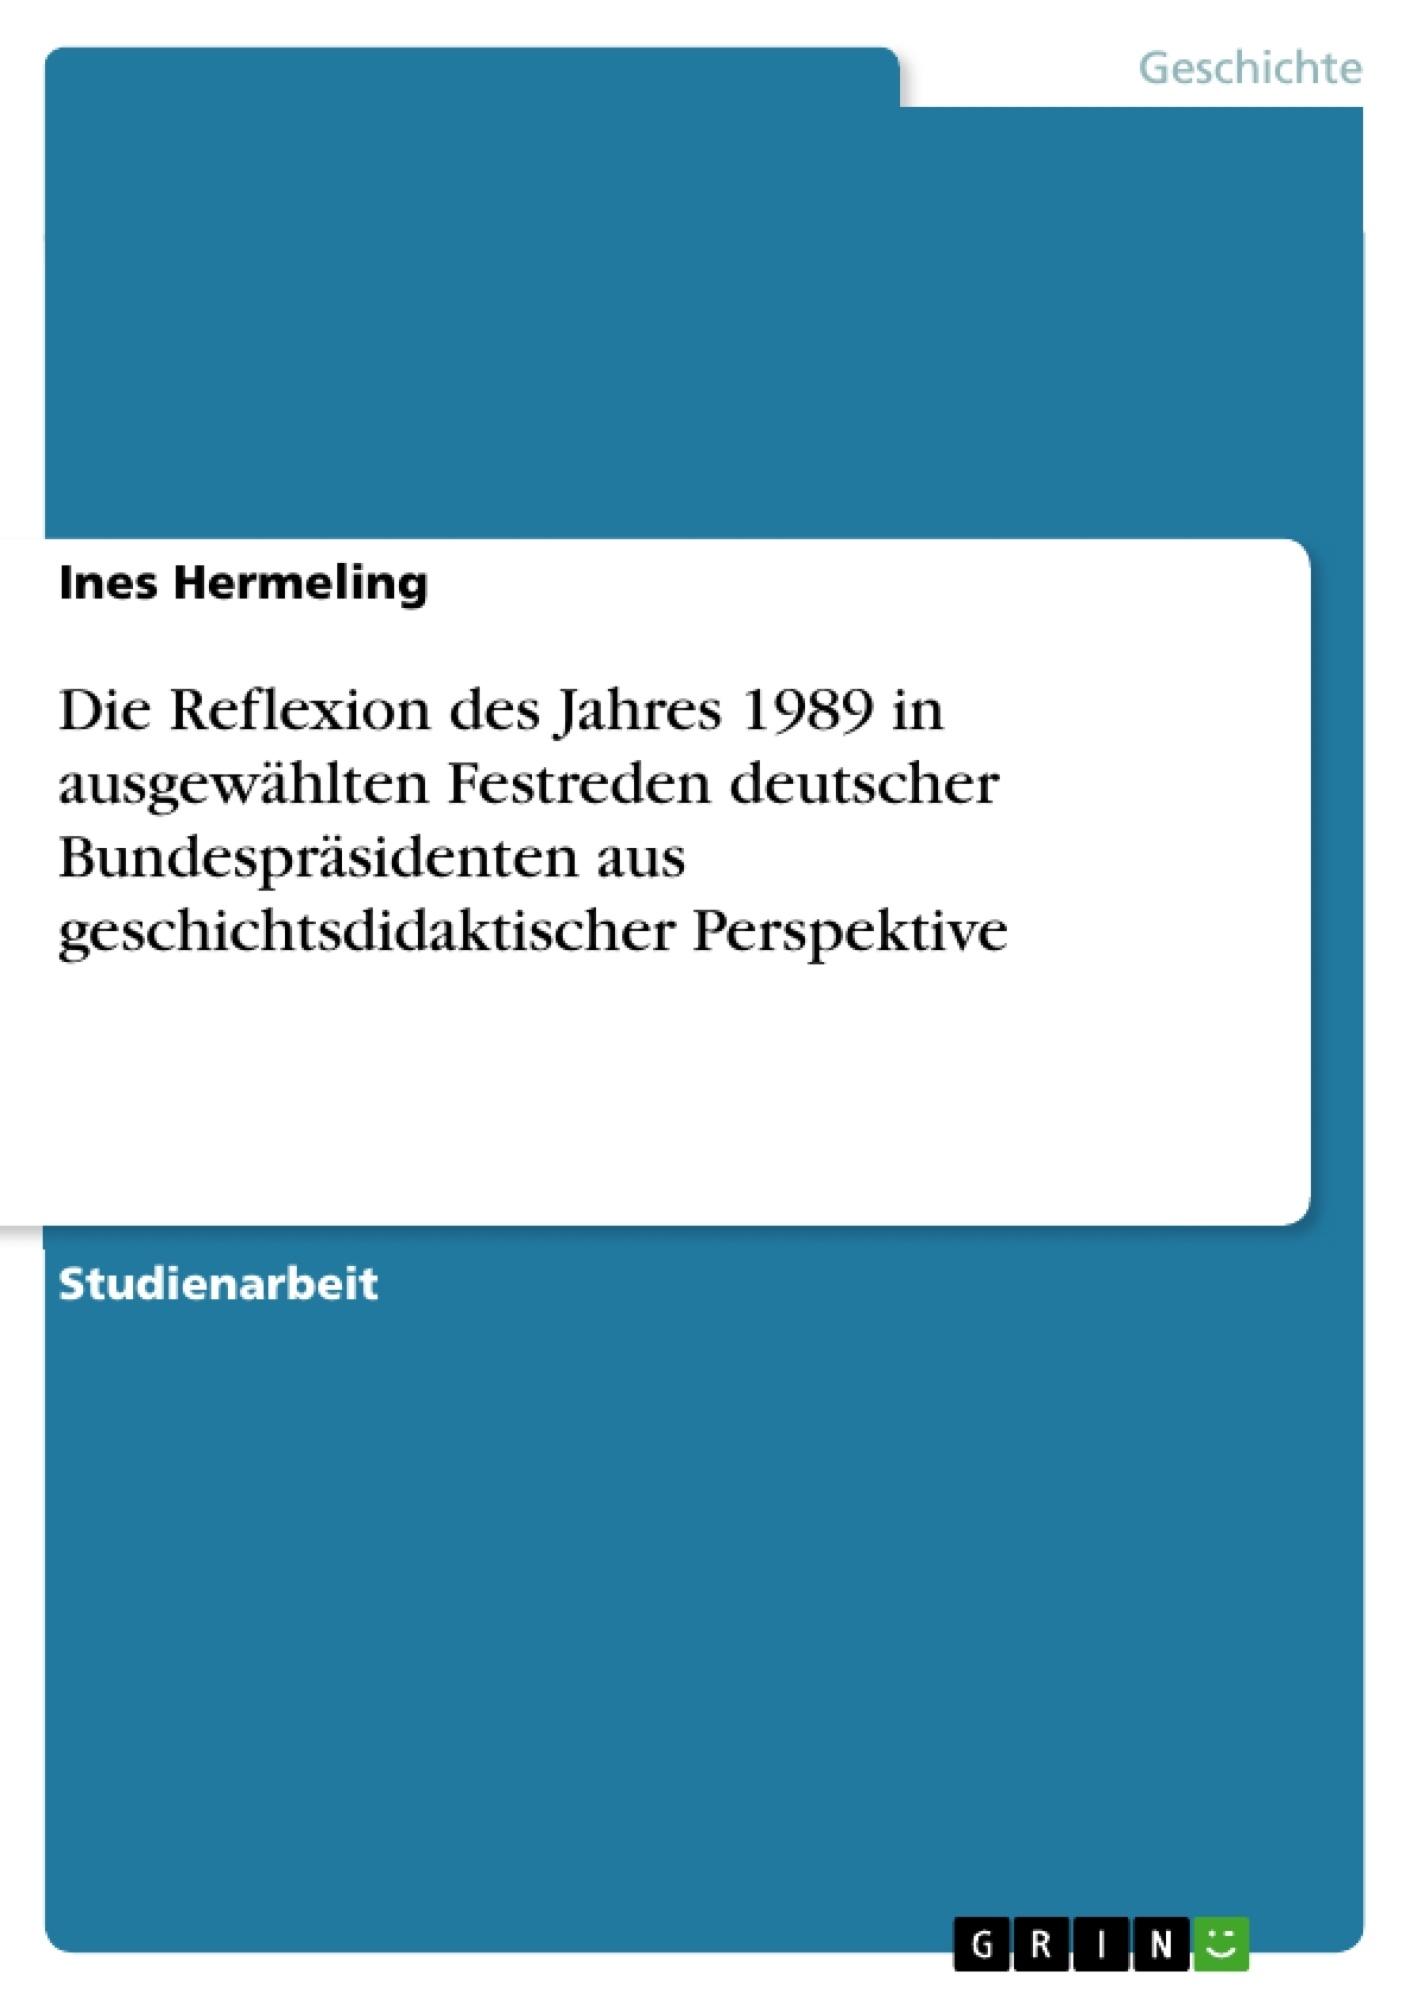 Titel: Die Reflexion des Jahres 1989 in ausgewählten Festreden deutscher Bundespräsidenten aus geschichtsdidaktischer Perspektive